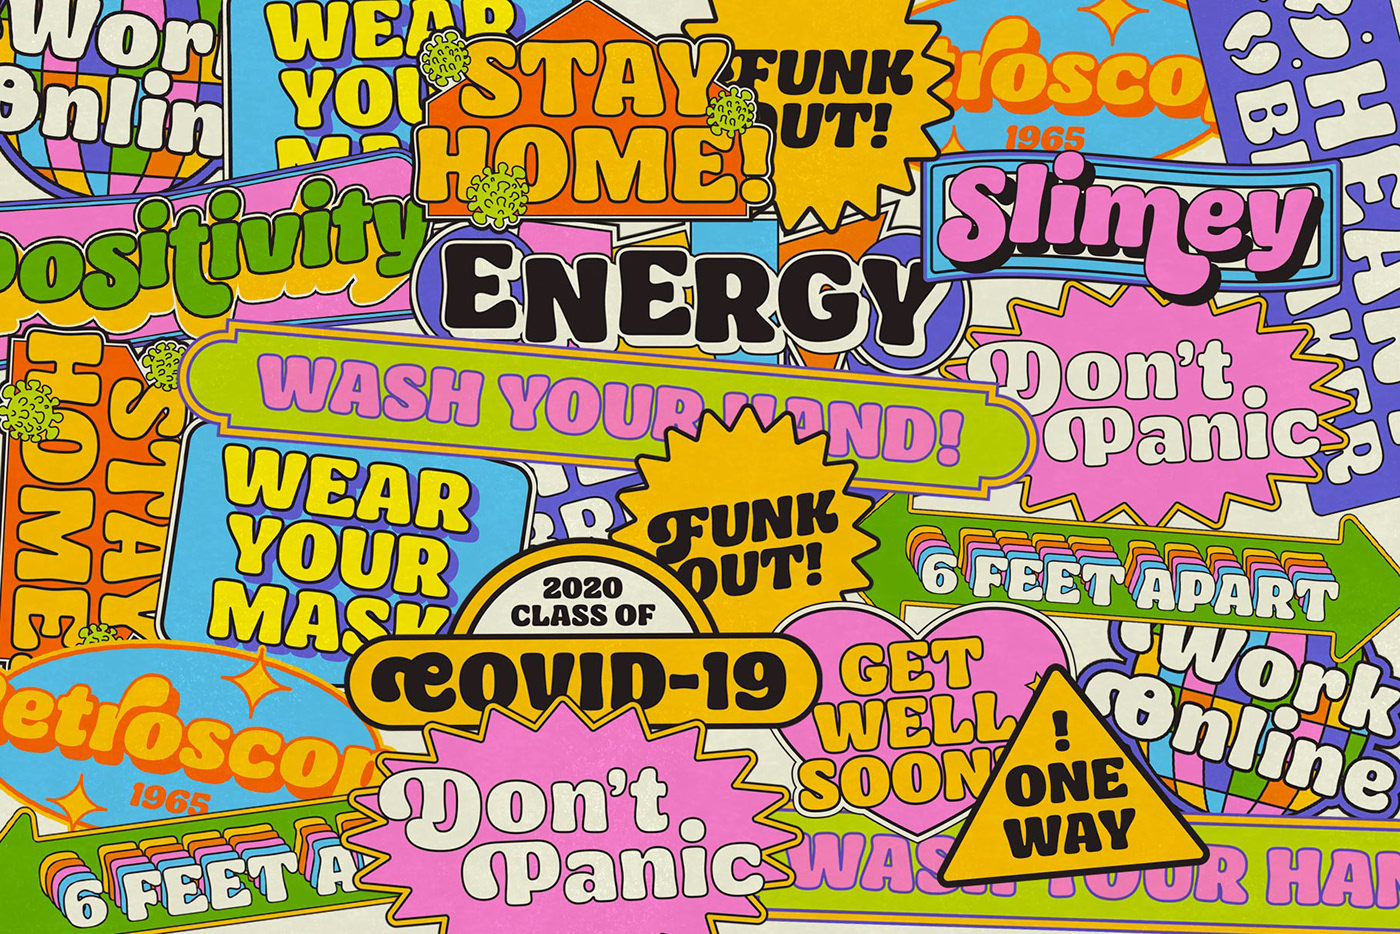 Ayr Blufy - Covid19 Sticker Pack